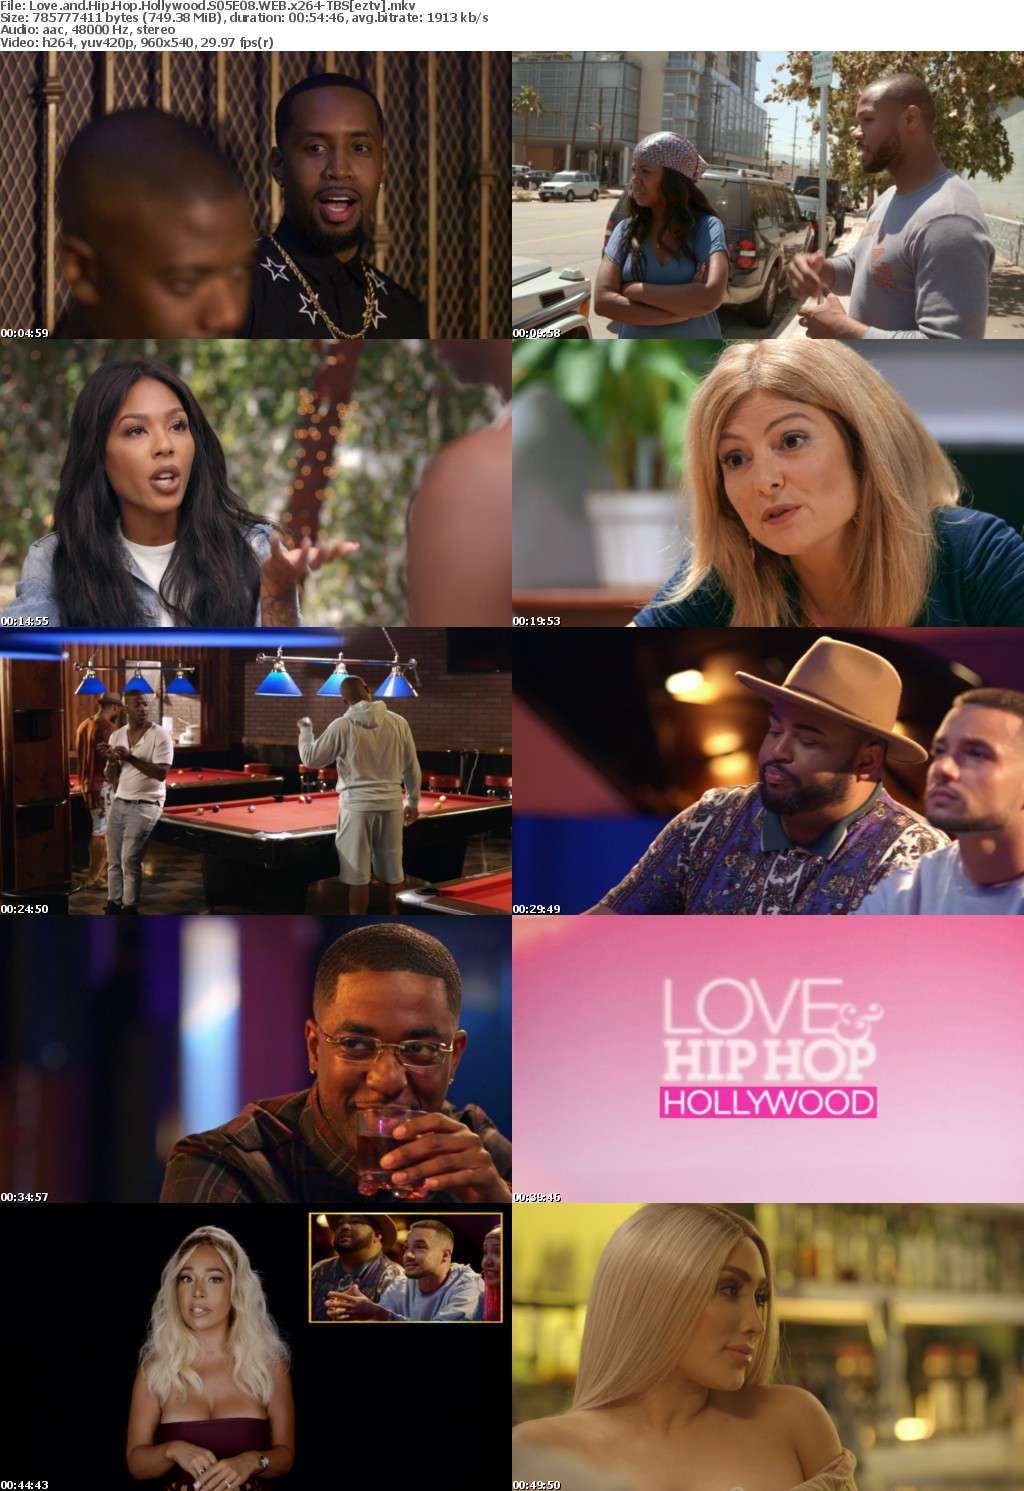 Love and Hip Hop Hollywood S05E08 WEB x264-TBS